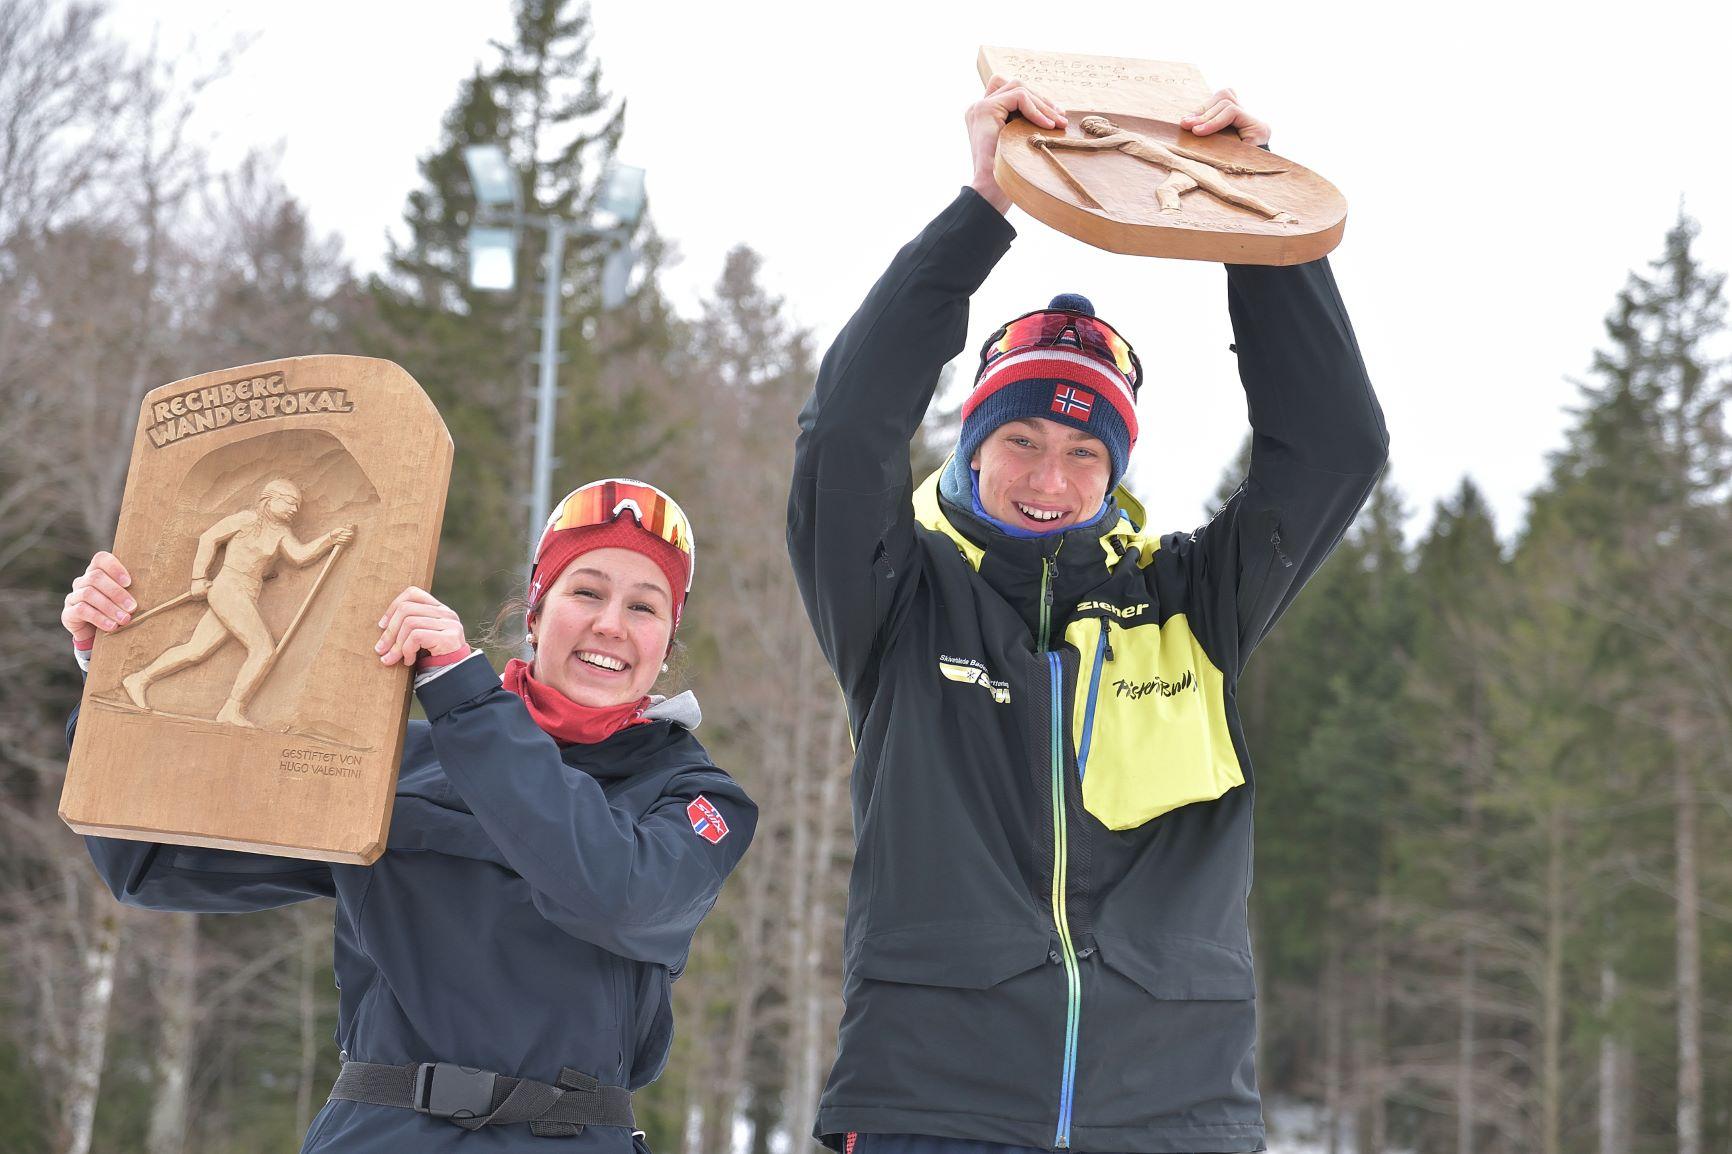 Rechbergpokal: Sieg für Emily Weiss und Matteo Lewe vom SVK